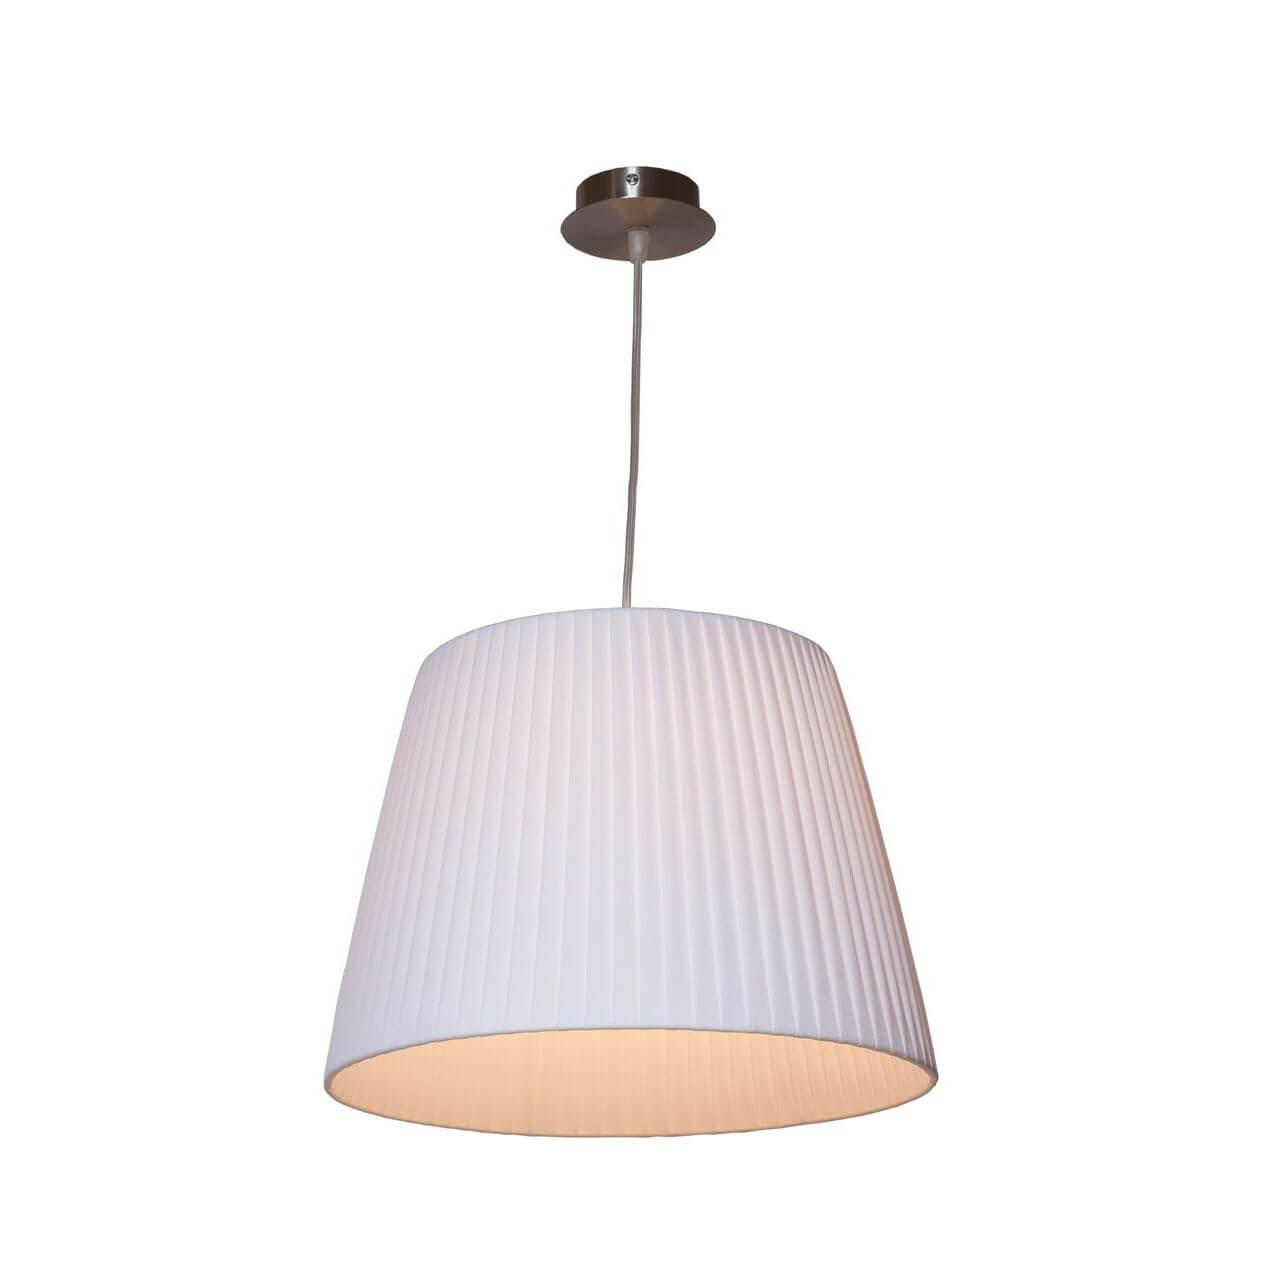 цена на Подвесной светильник АртПром Katrin S1 01 01